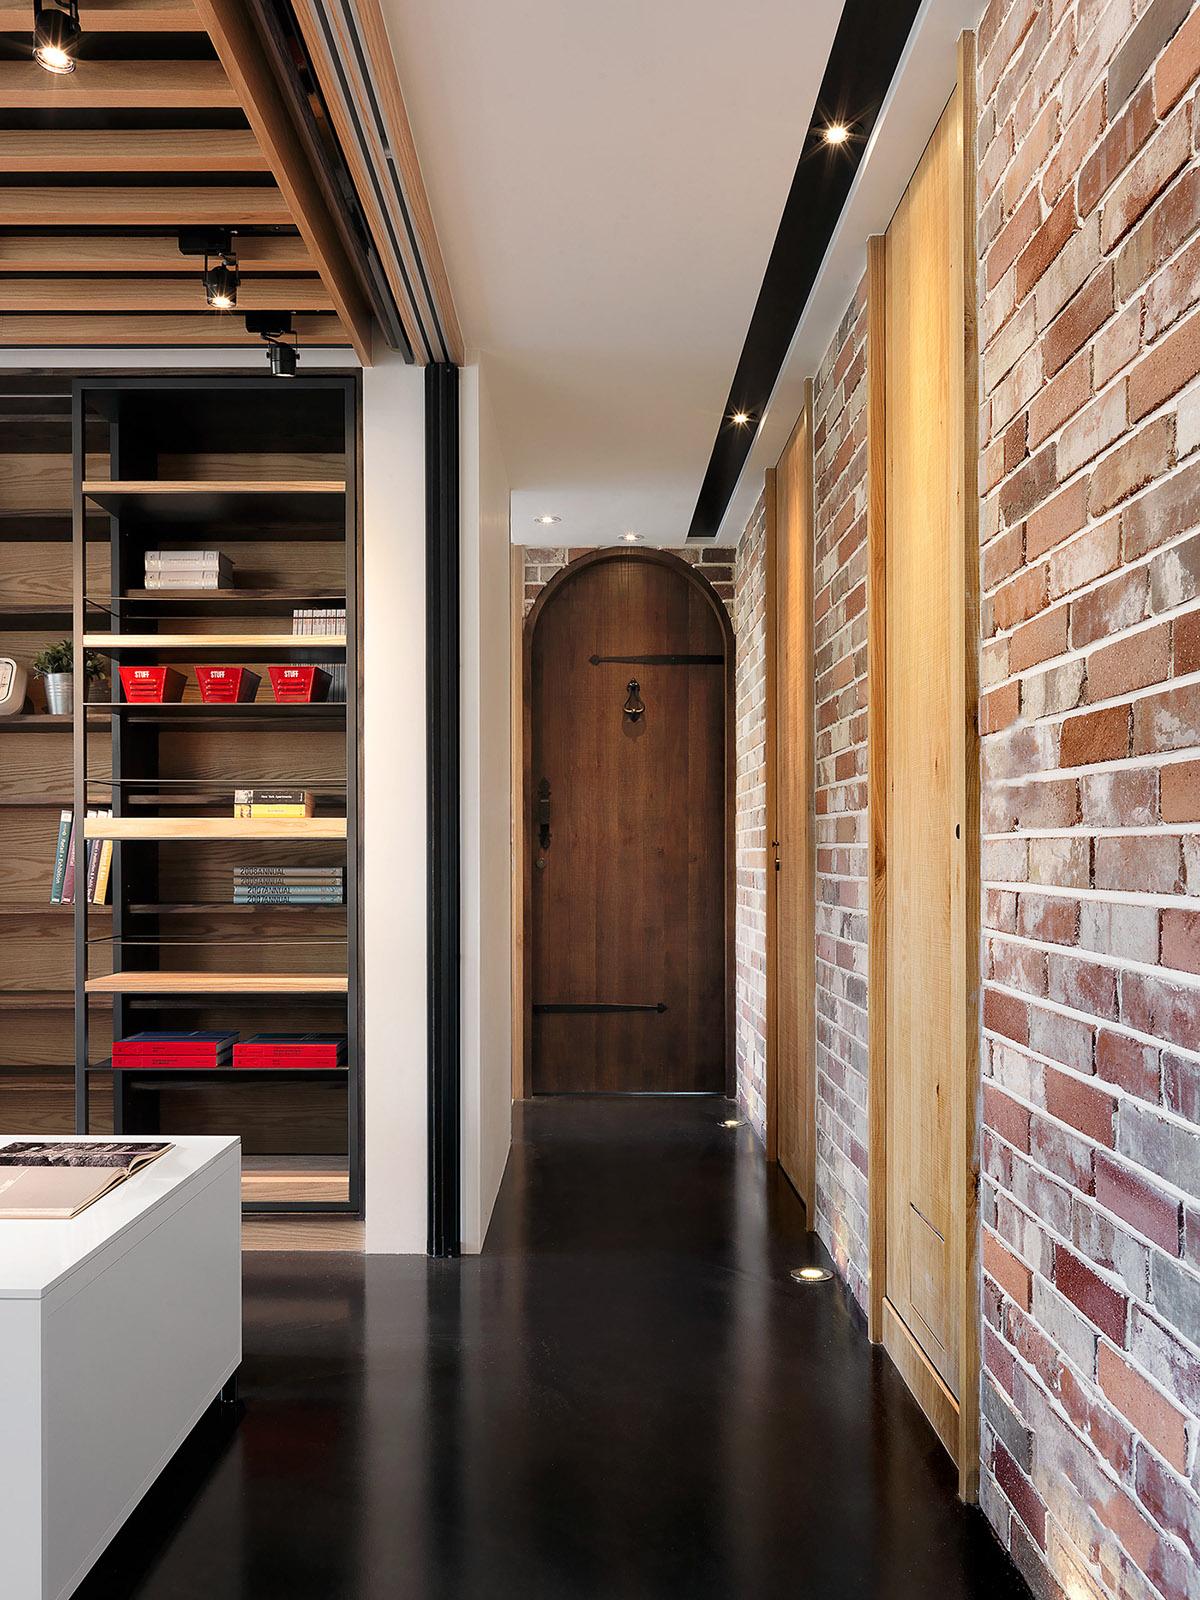 工业风格的时尚现代公寓设计